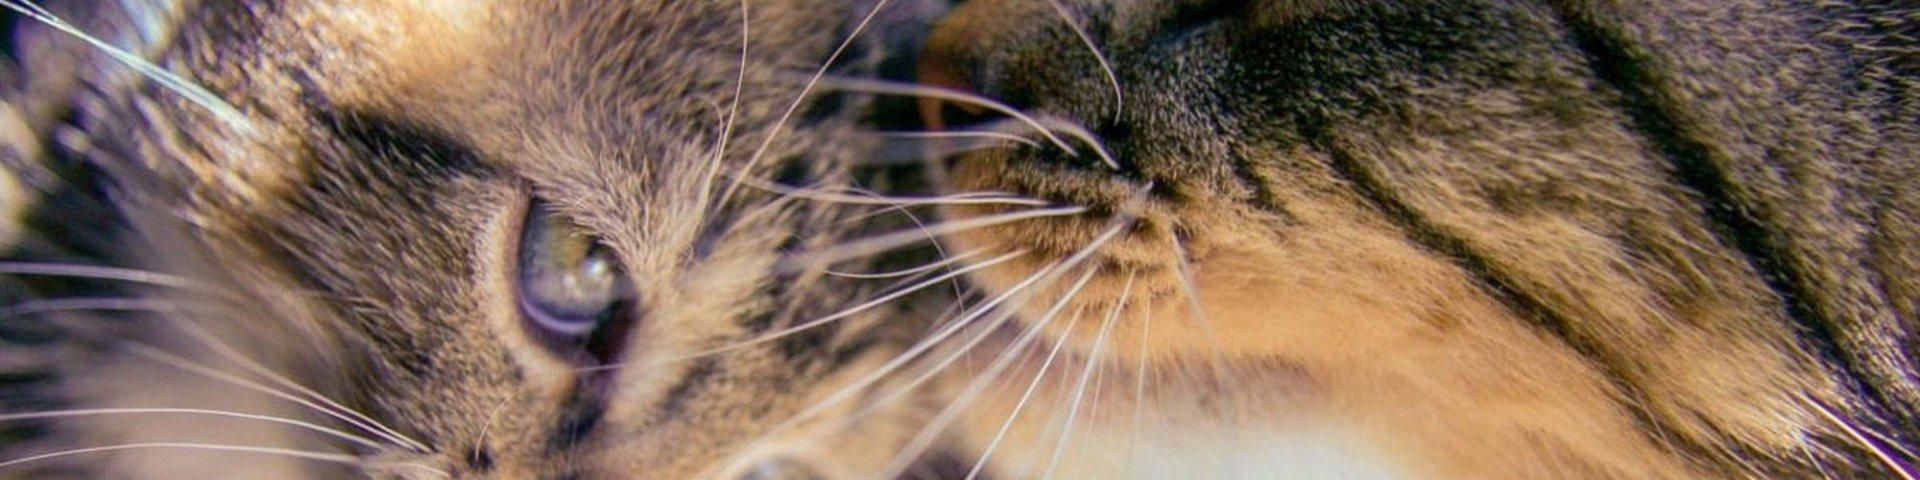 Indovinello del quadrato e dei gatti. Ragionamento e soluzione